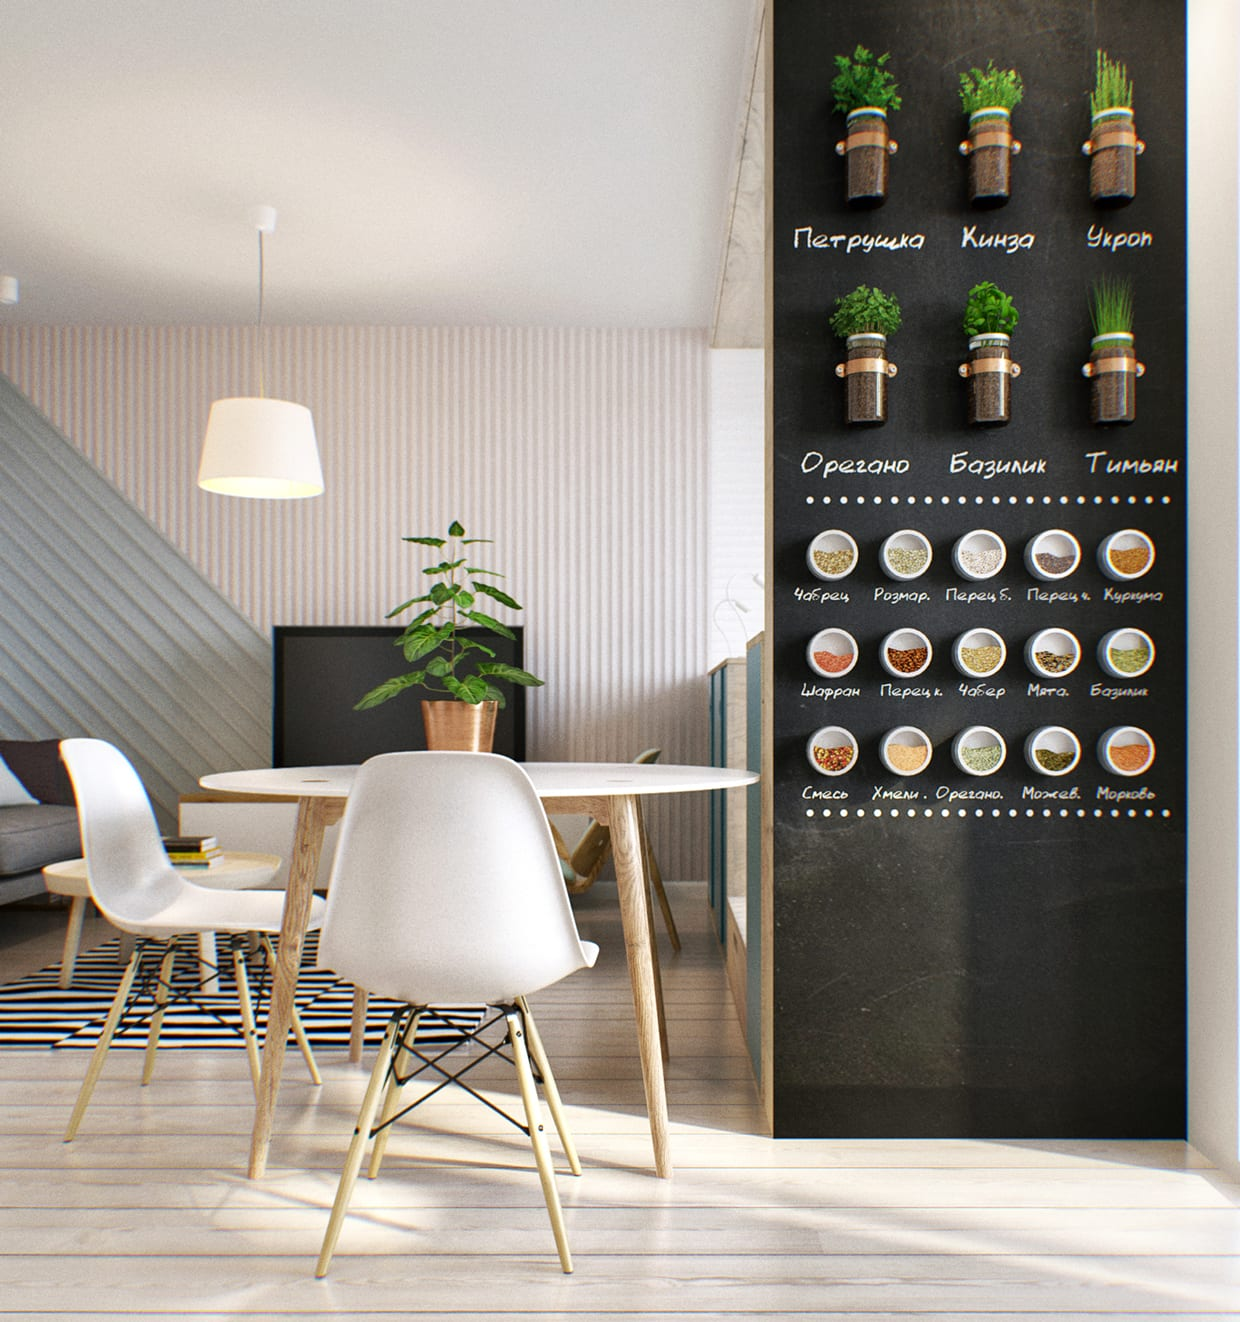 coole wandgestaltung mit wandfarbe schwarz und vertikalem kräutergarten als akzentwand in 1 zimmer apartment